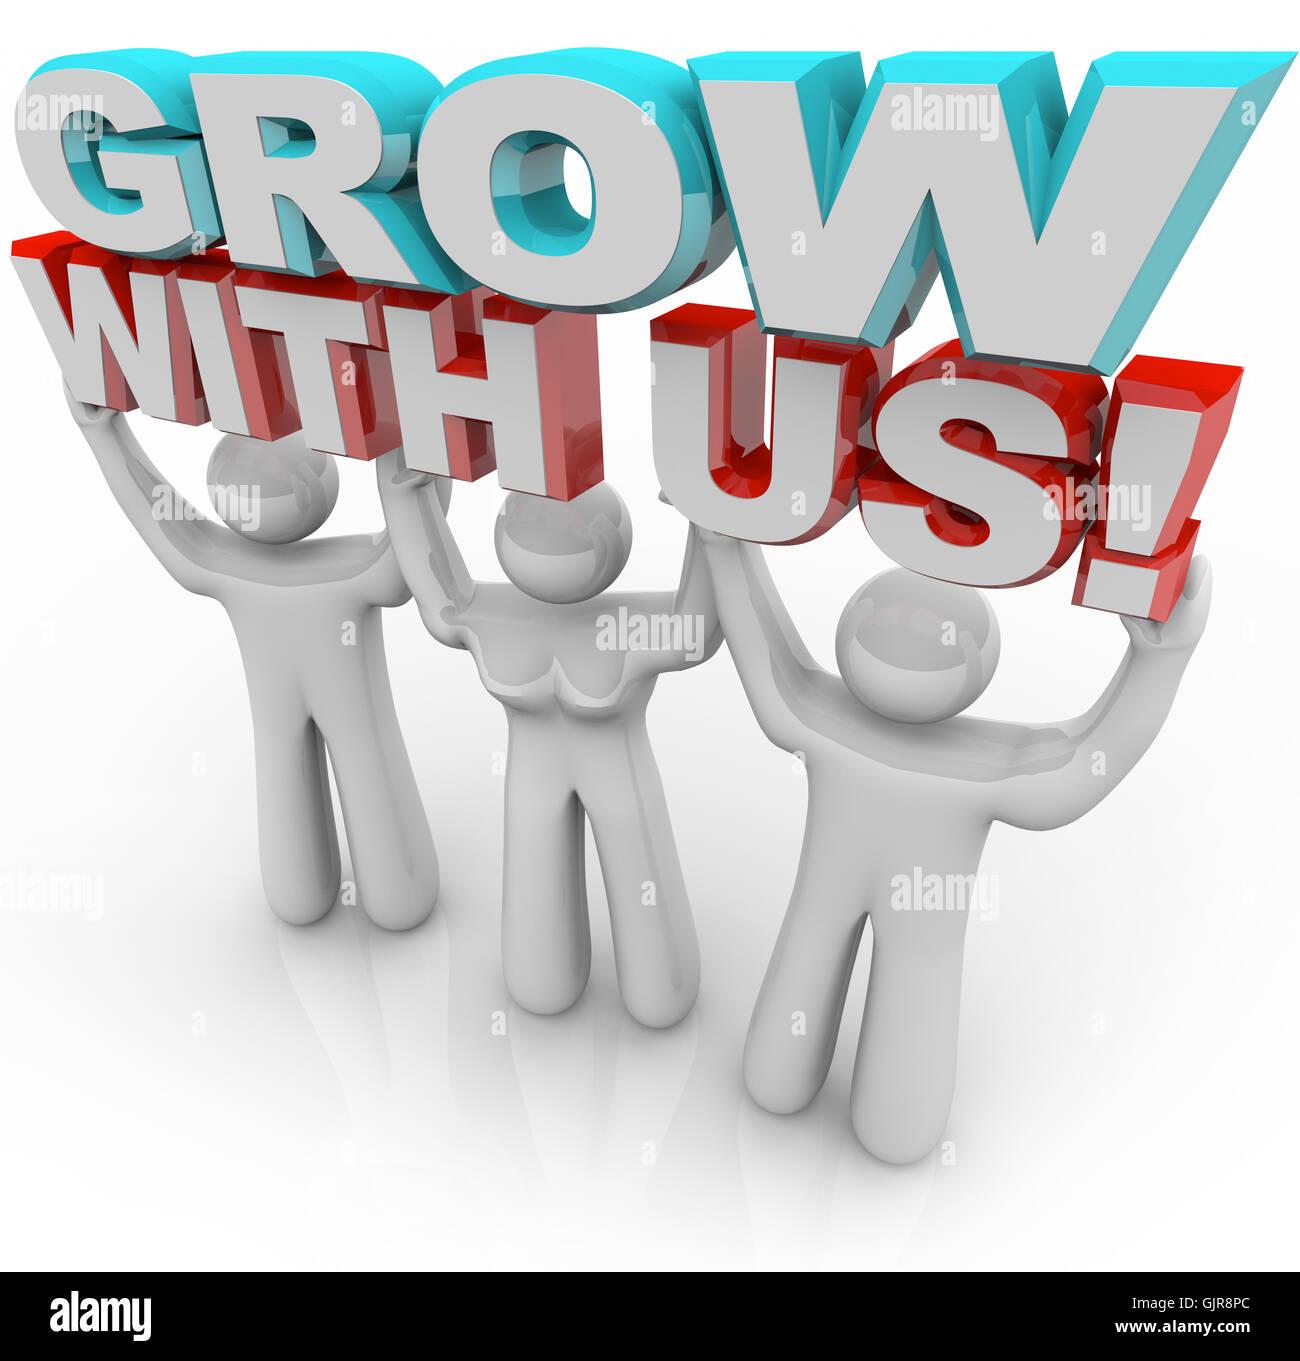 Crezca con nosotros - Únase a un grupo de Crecimiento Personal Imagen De Stock